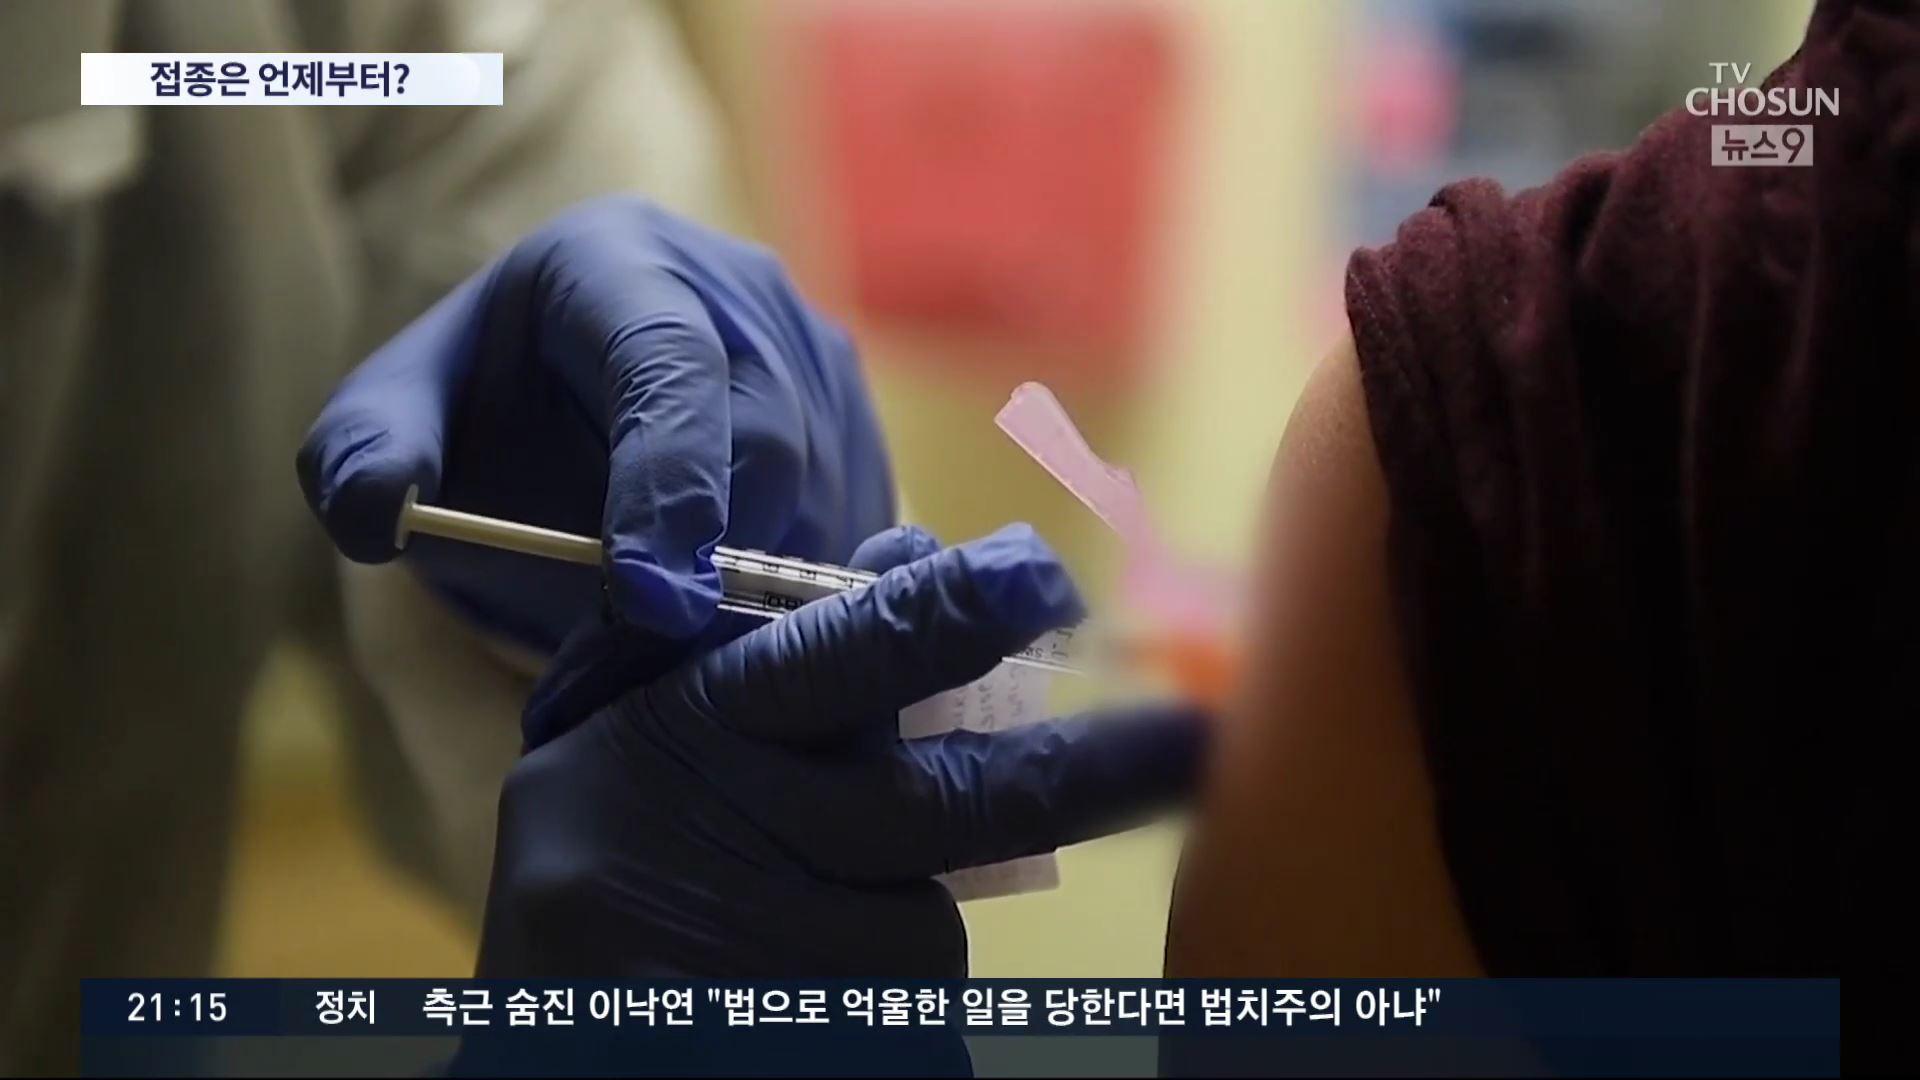 '물량 조기 확보하되 접종은 신중…내년 상반기 접종도 가능'